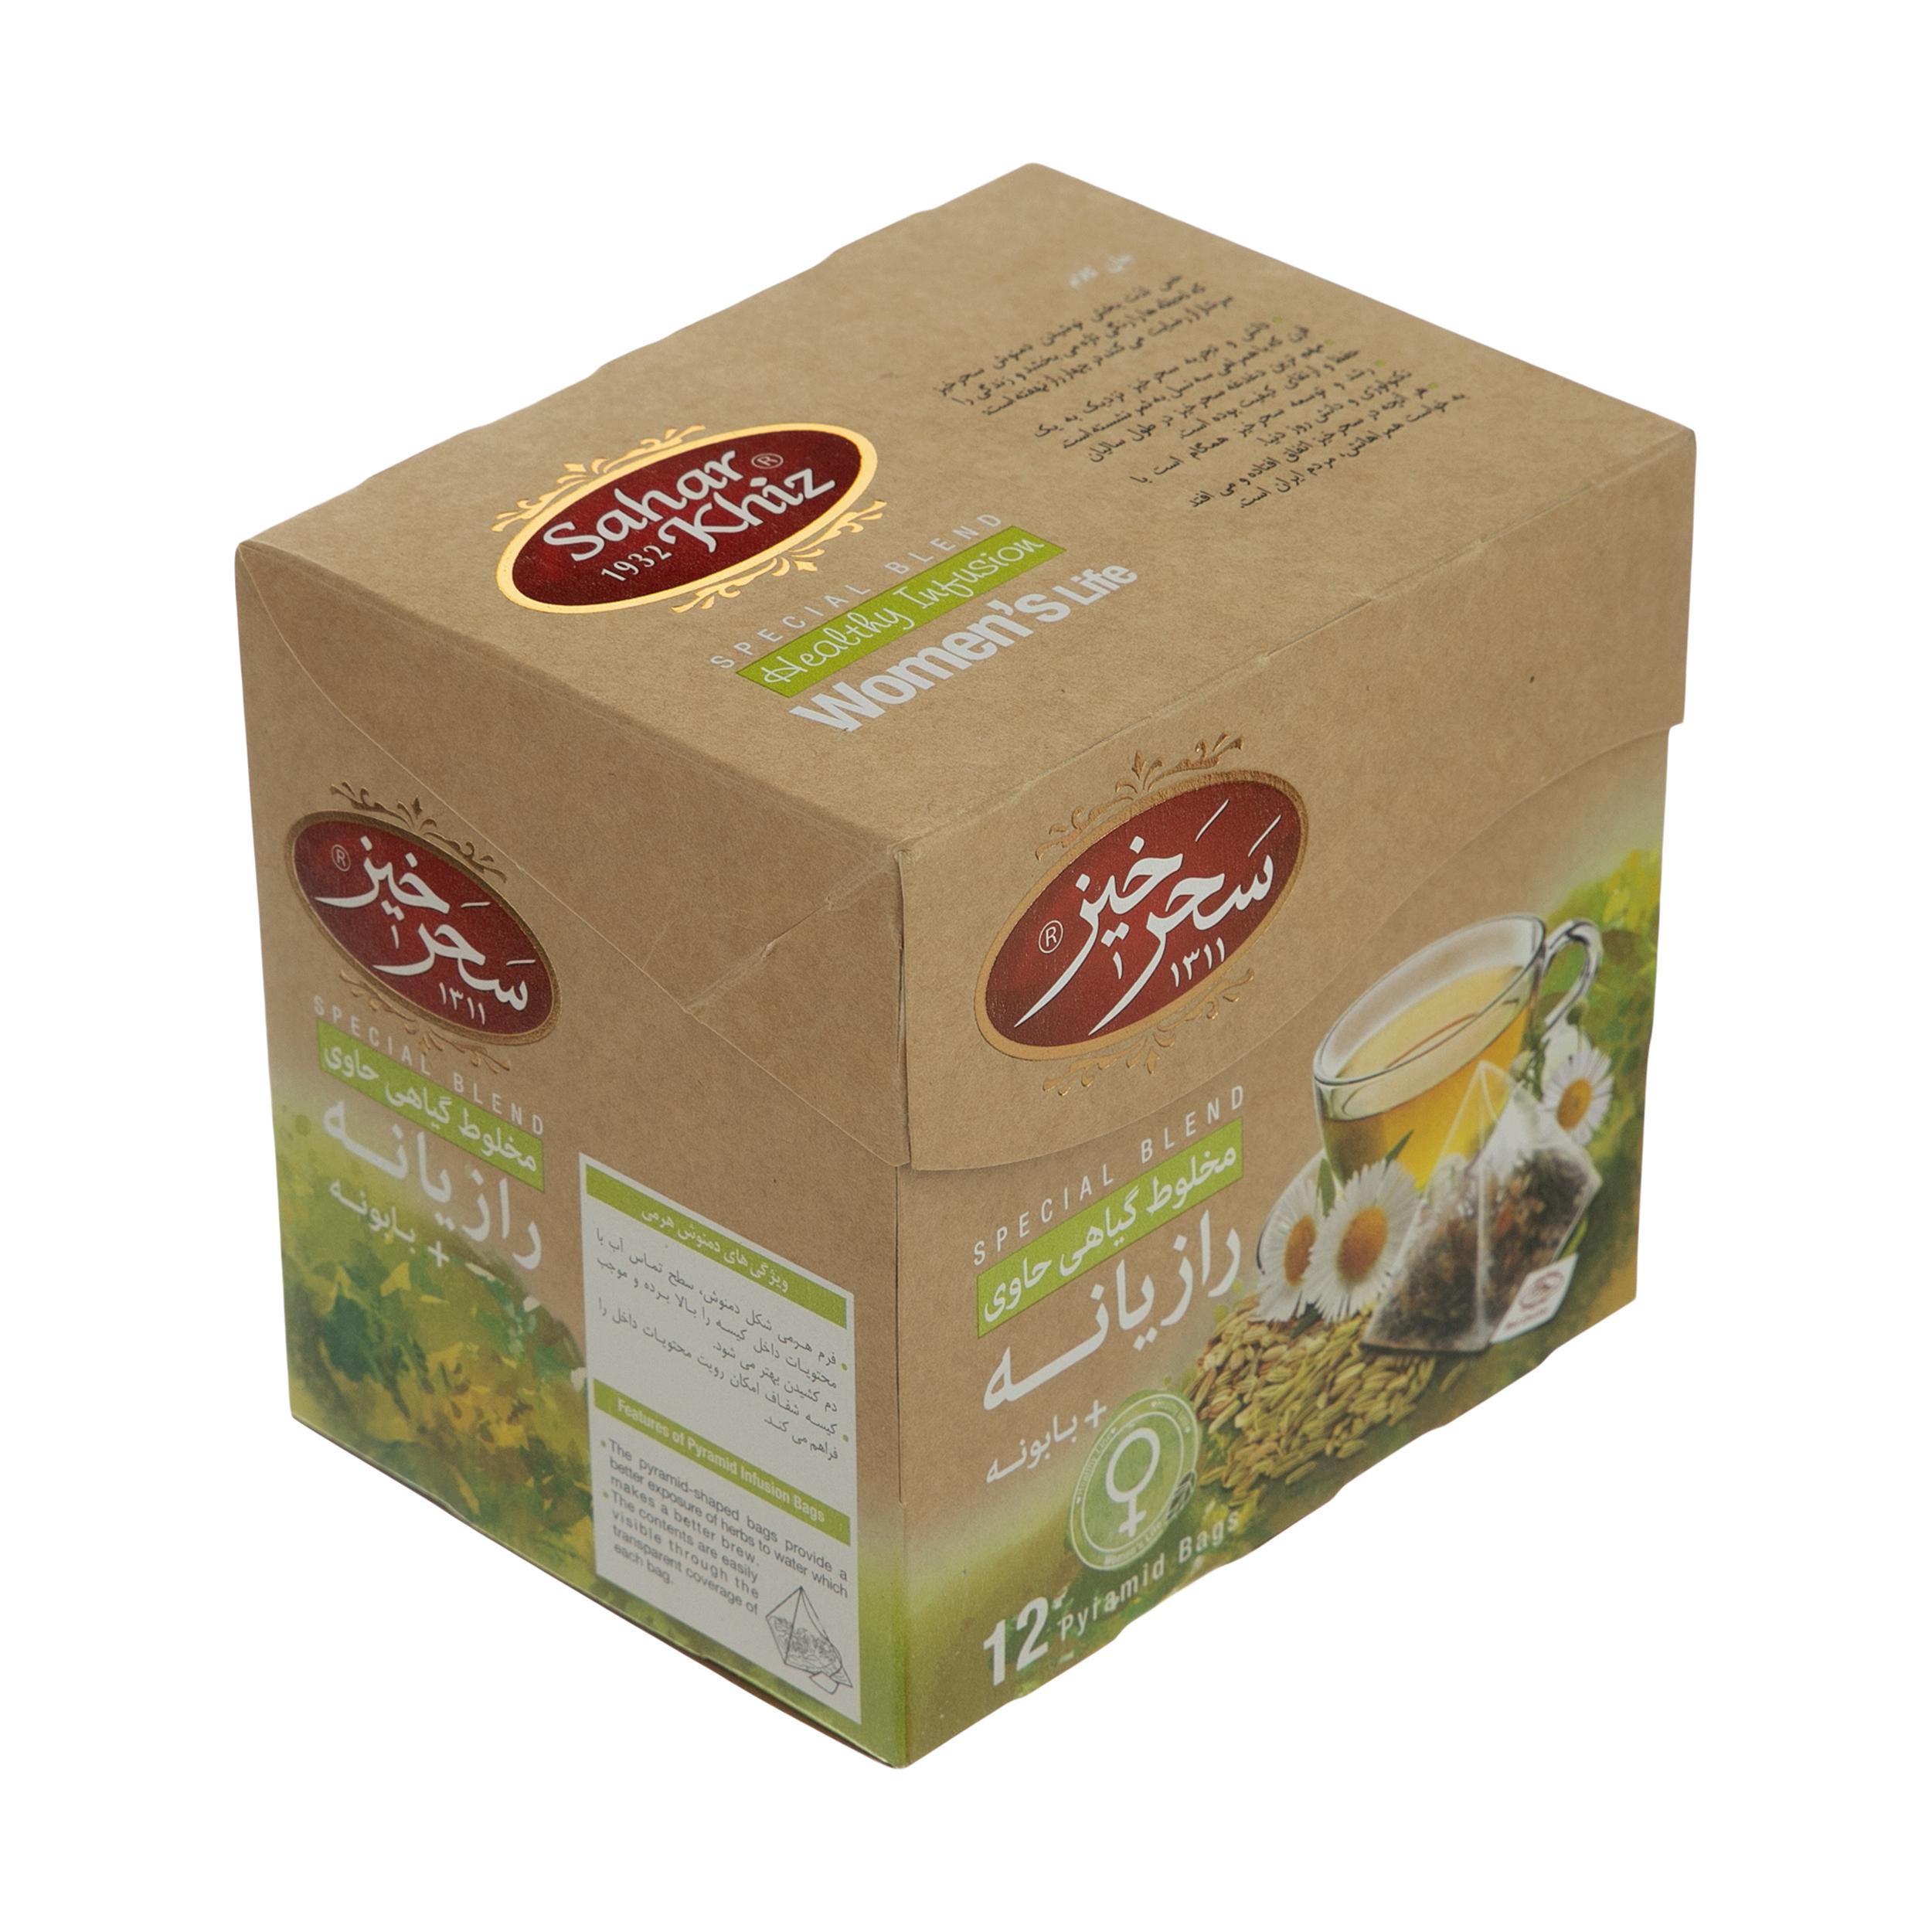 دمنوش مخلوط گیاهی رازیانه و بابونه سحر خیز  - بسته 12 عددی